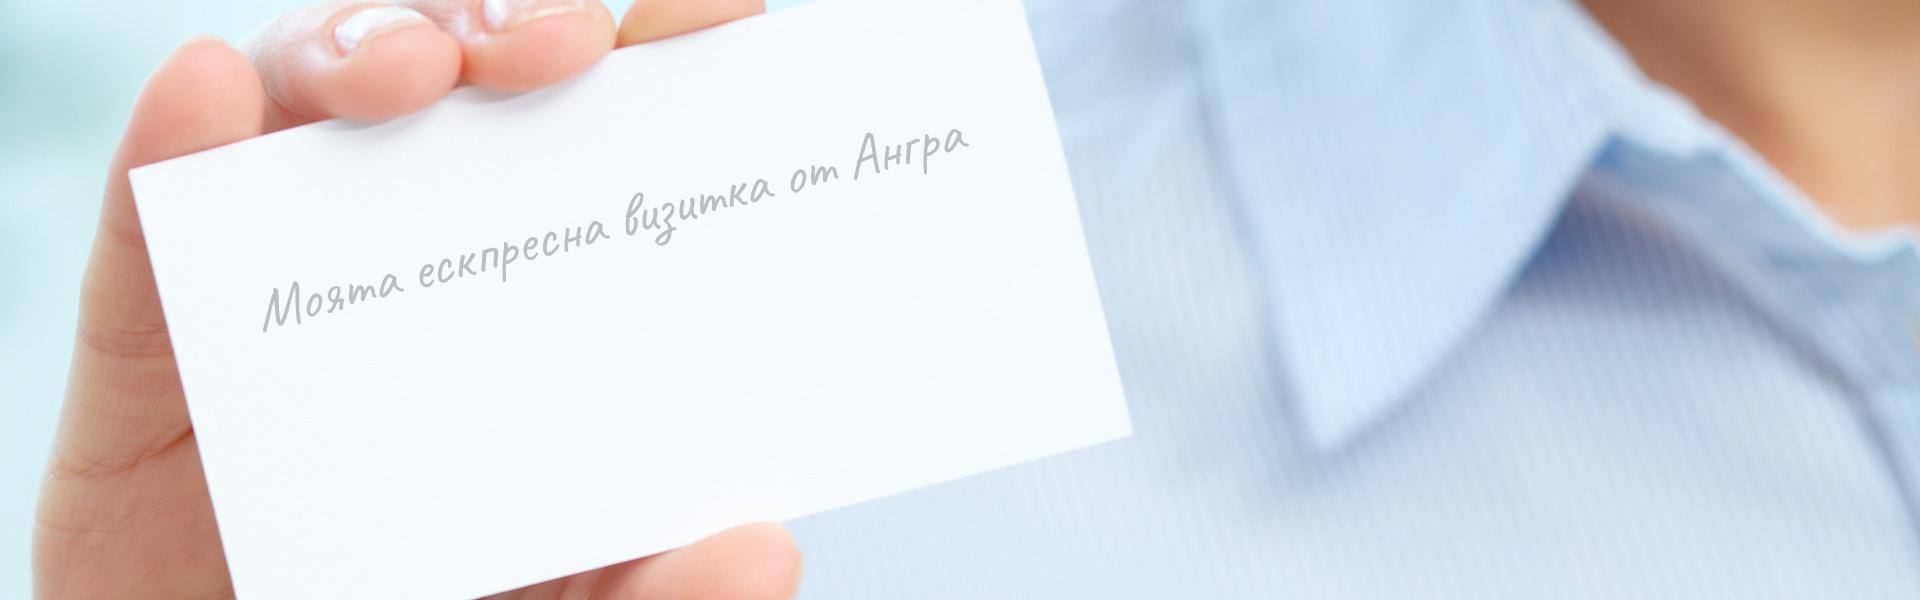 Снимка на човек с визитка в ръката